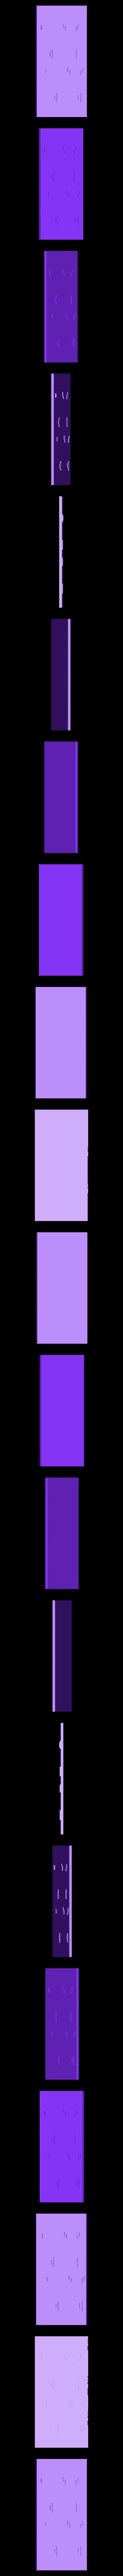 quay_back1.stl Télécharger fichier STL gratuit Ripper's London - Les égouts • Design pour imprimante 3D, Earsling